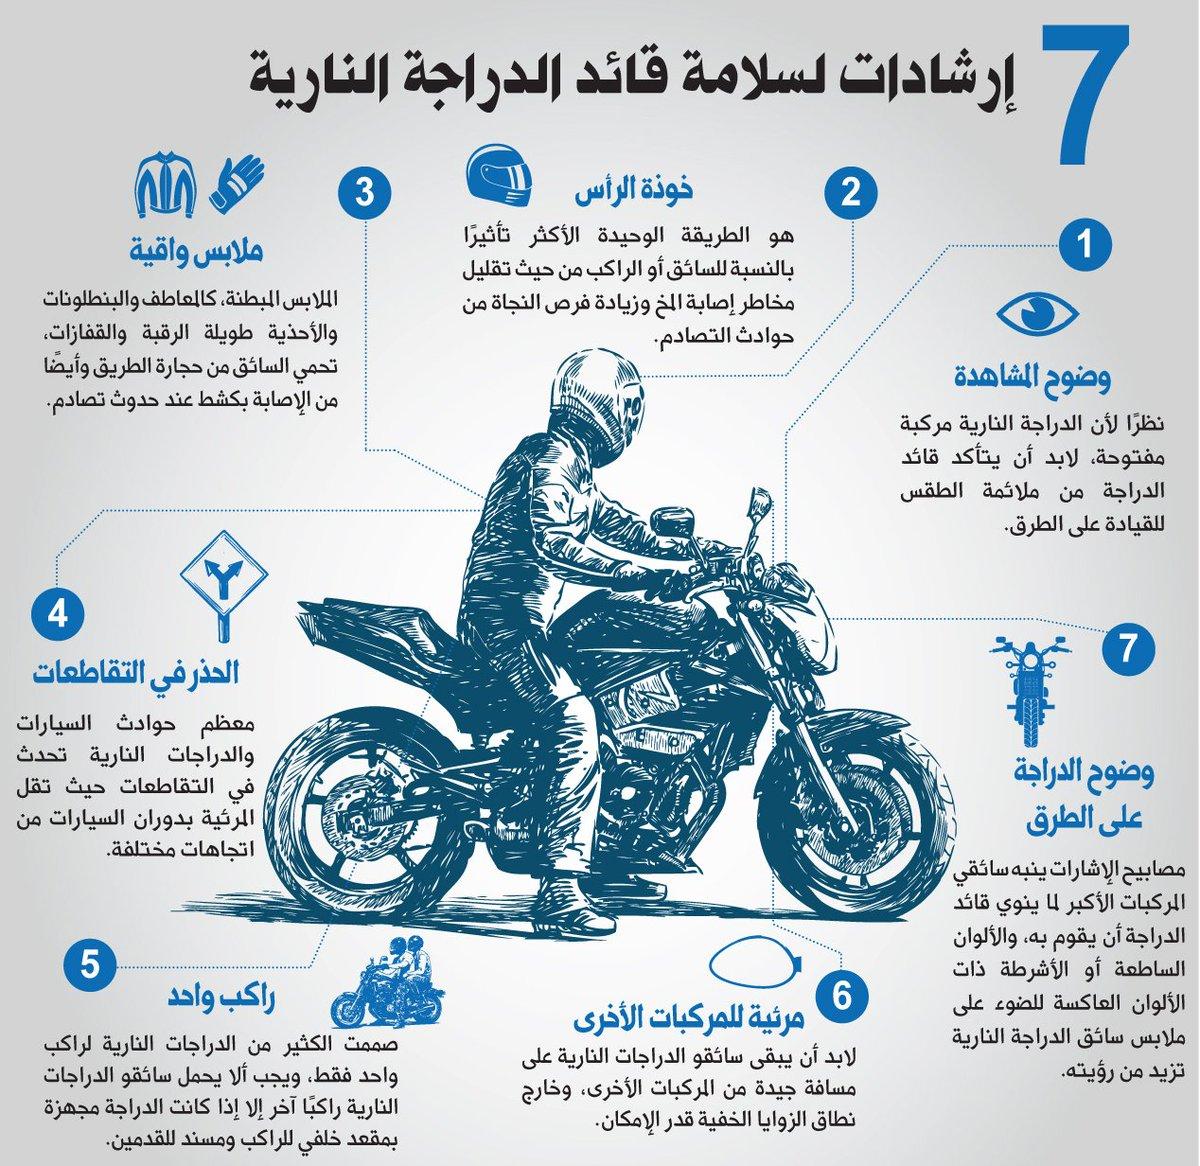 سيليكون فوج الصعب دلة لتعليم القيادة الدراجات النارية Sjvbca Org